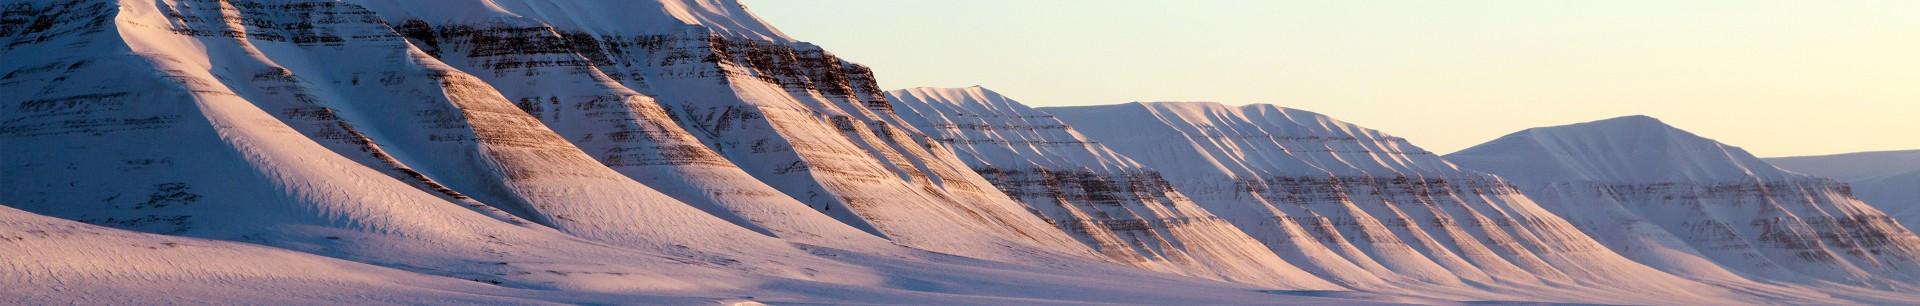 Arktis-bøker: guidebøker (Svalbard, Jan Mayen mm), fotobøker og annet polar-lesestoff.